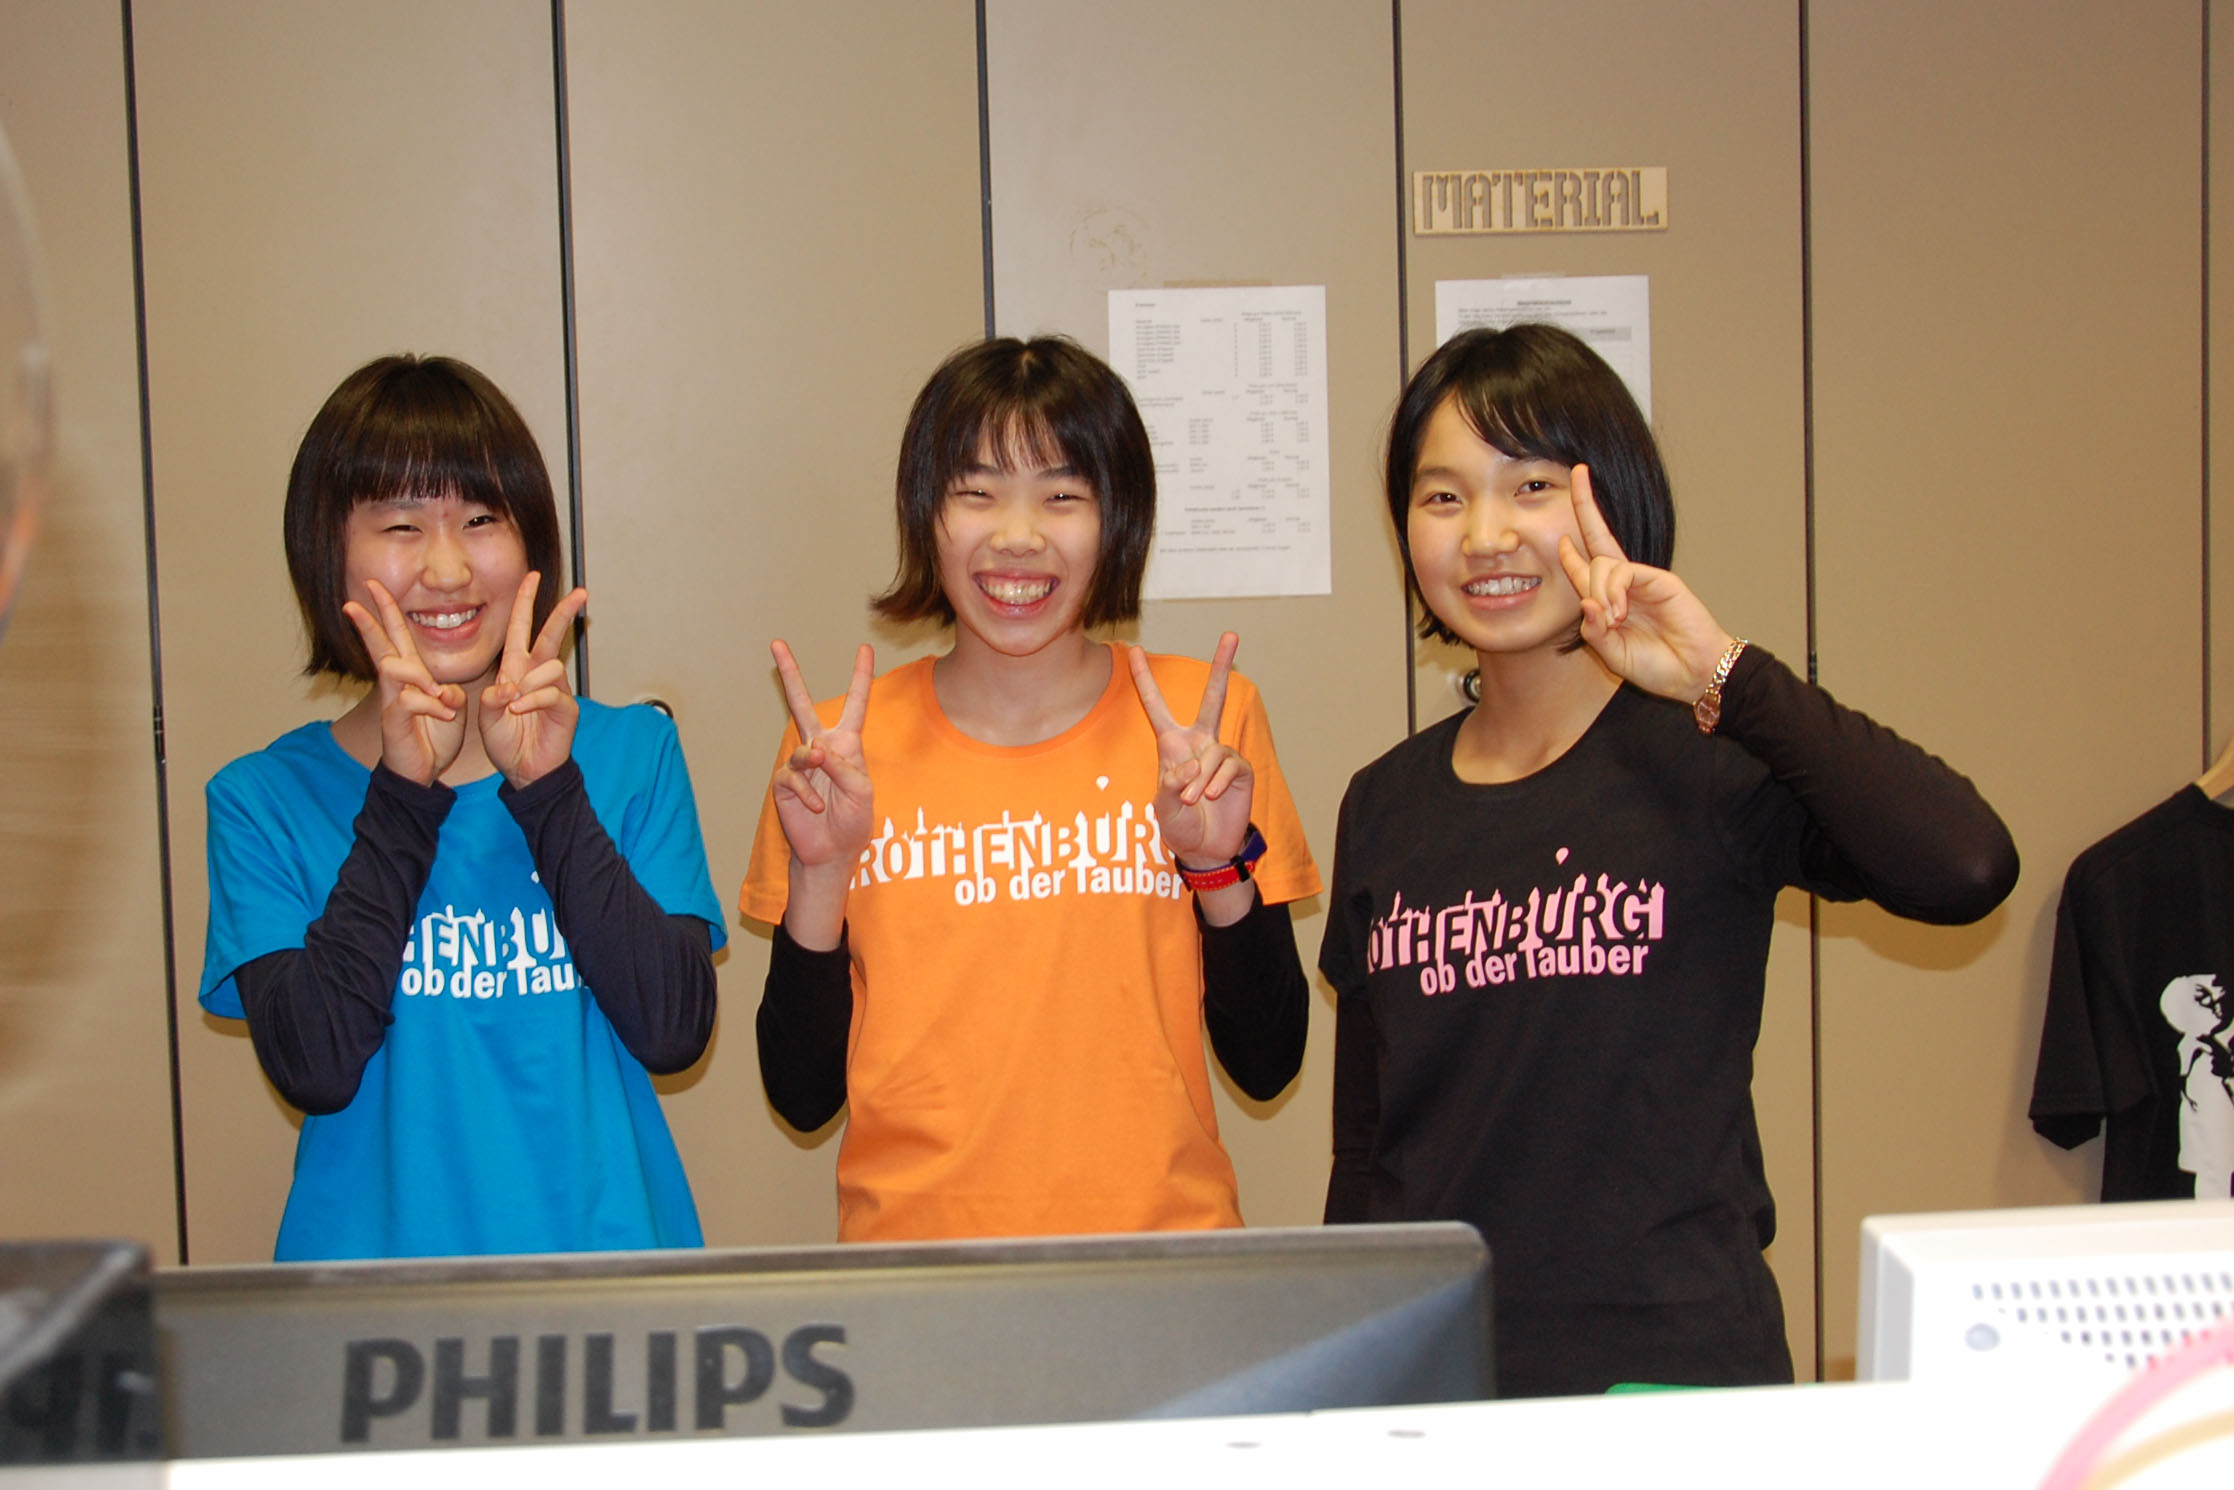 Die neuen T-Shirts